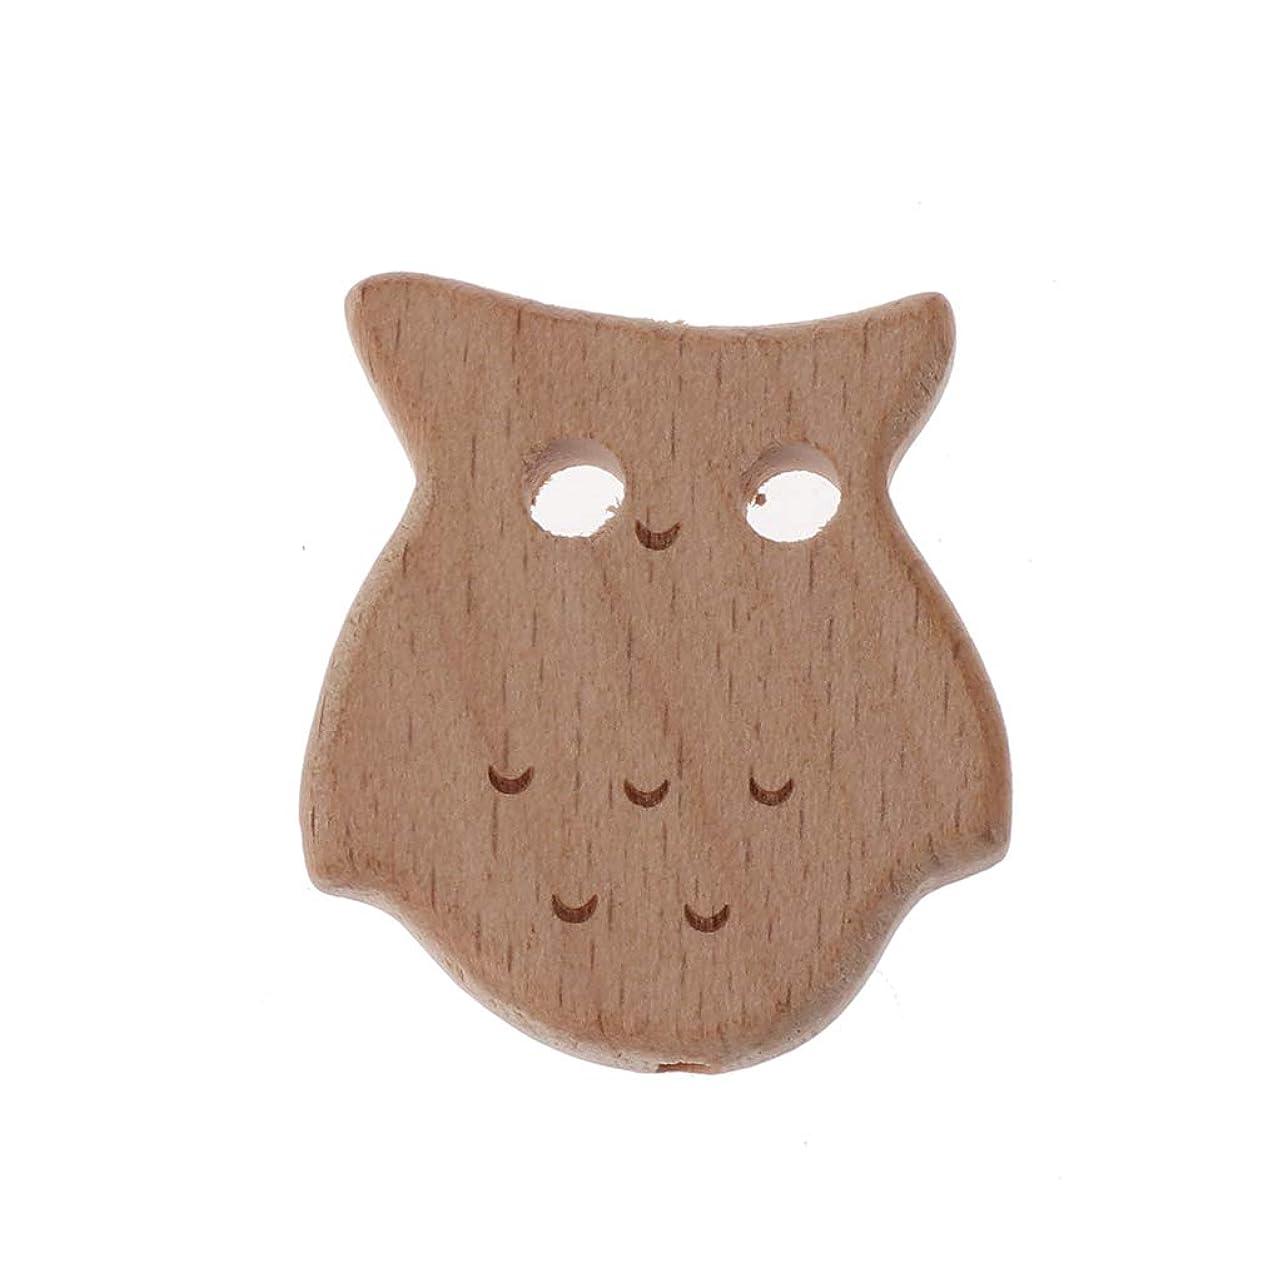 セクタパニックマオリLandwoodウッド歯が生えるビーズニレ動物ビーズ赤ちゃんのおもちゃDIYおしゃぶりチェーンアクセサリー - フクロウ